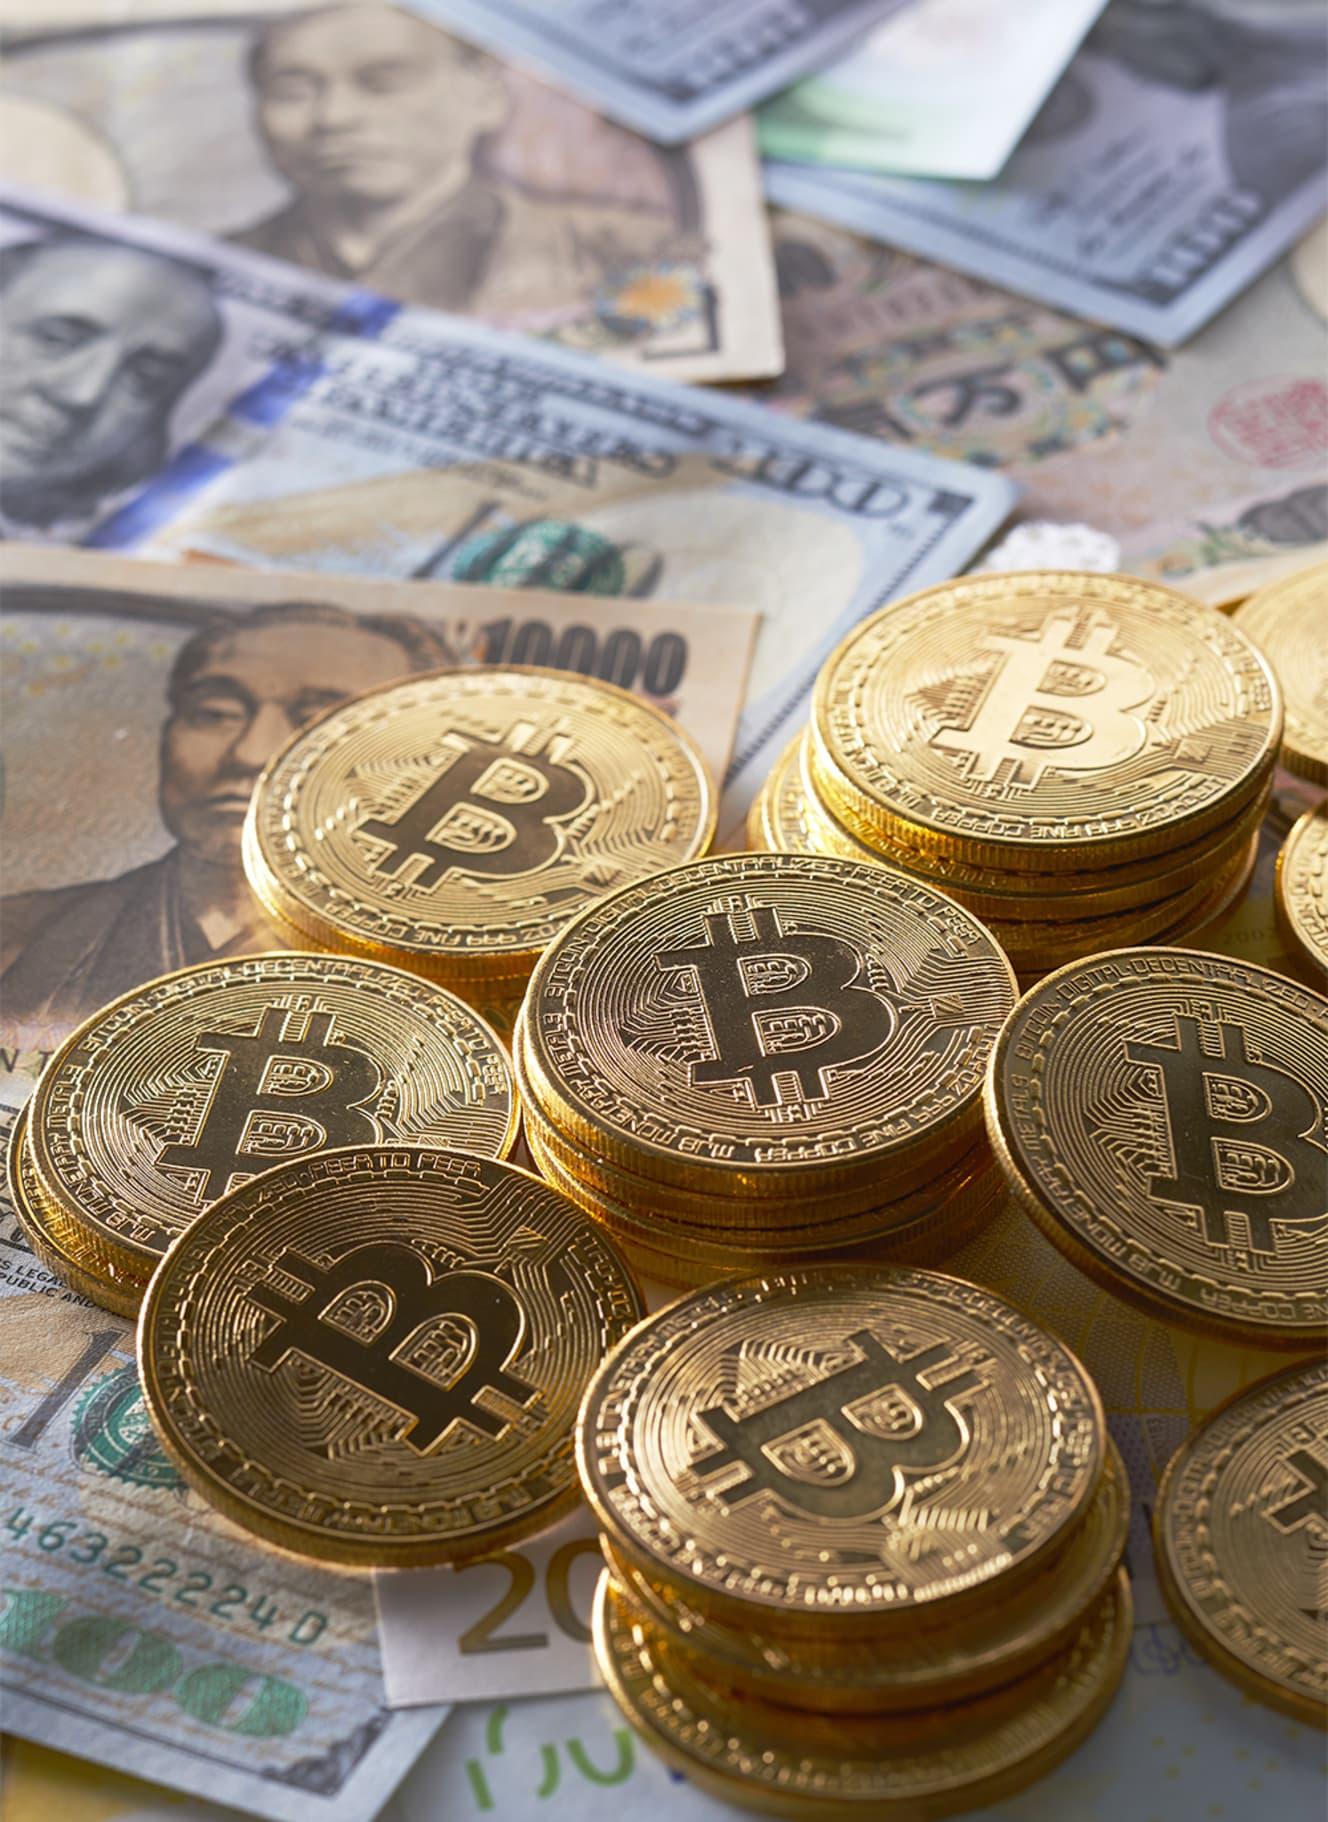 【バブル崩壊】仮想通貨ビットコイン大暴落 万円から万円に: もふもふまとめ